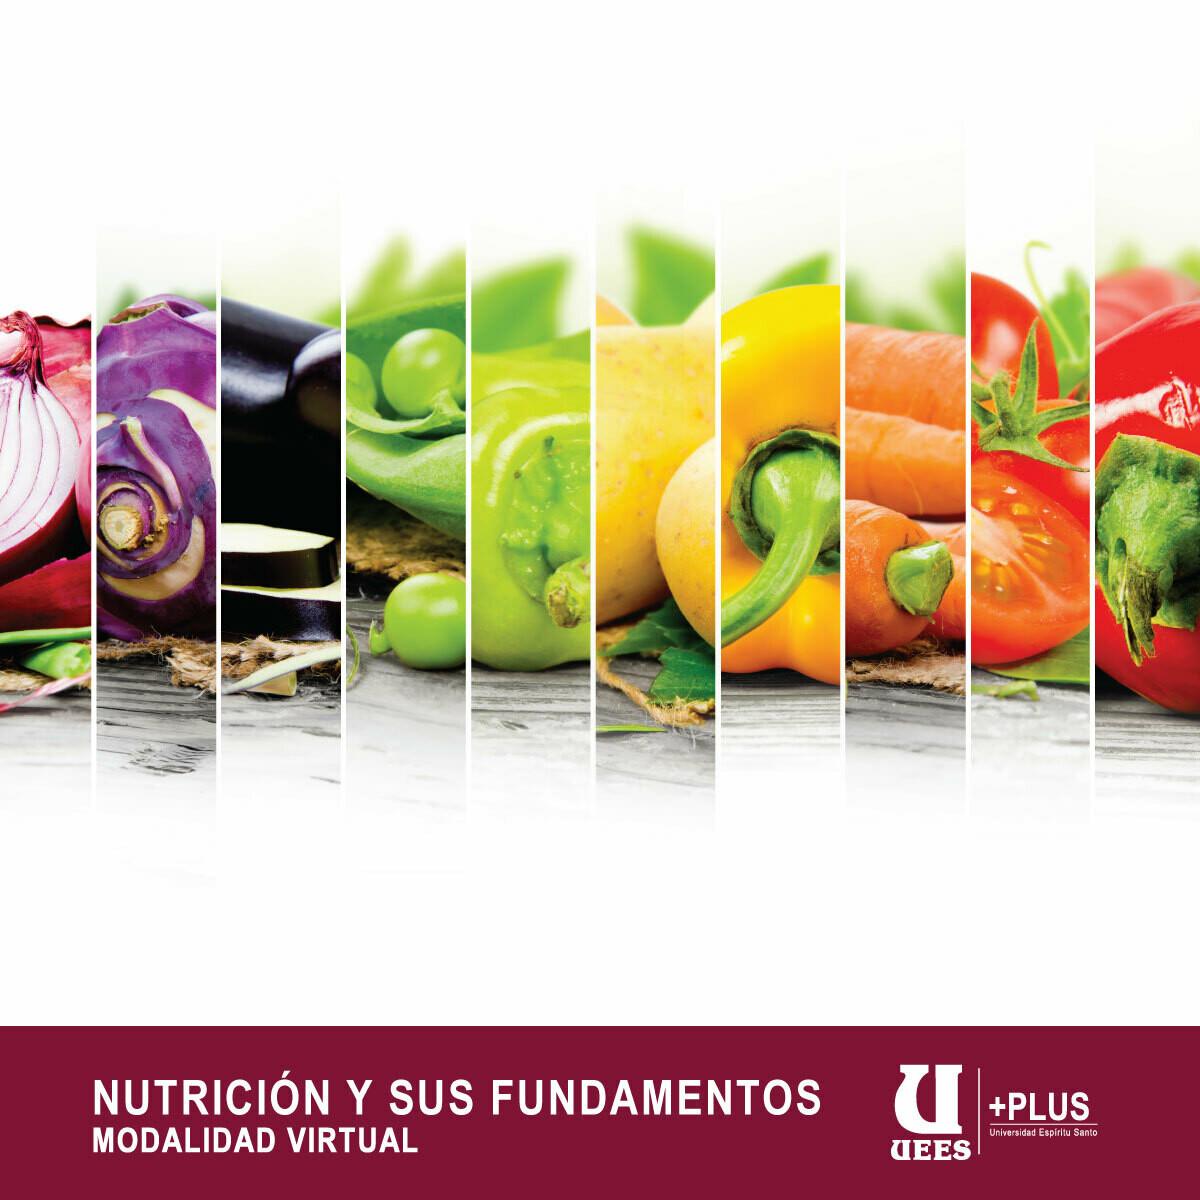 NUTRICIÓN Y SUS FUNDAMENTOS